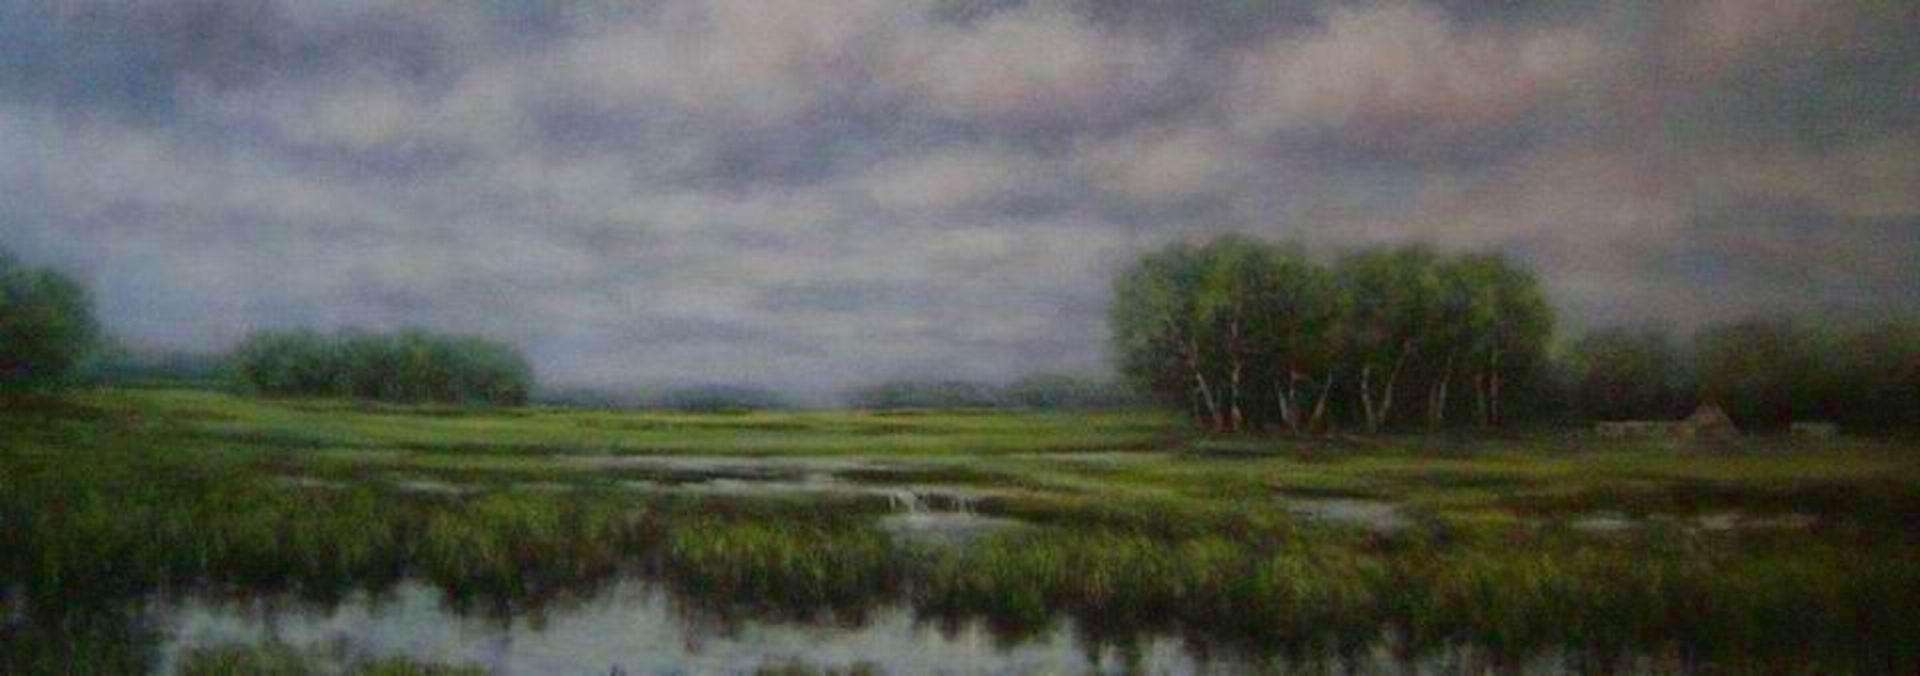 Weih Zizi Pan - Oil Painting